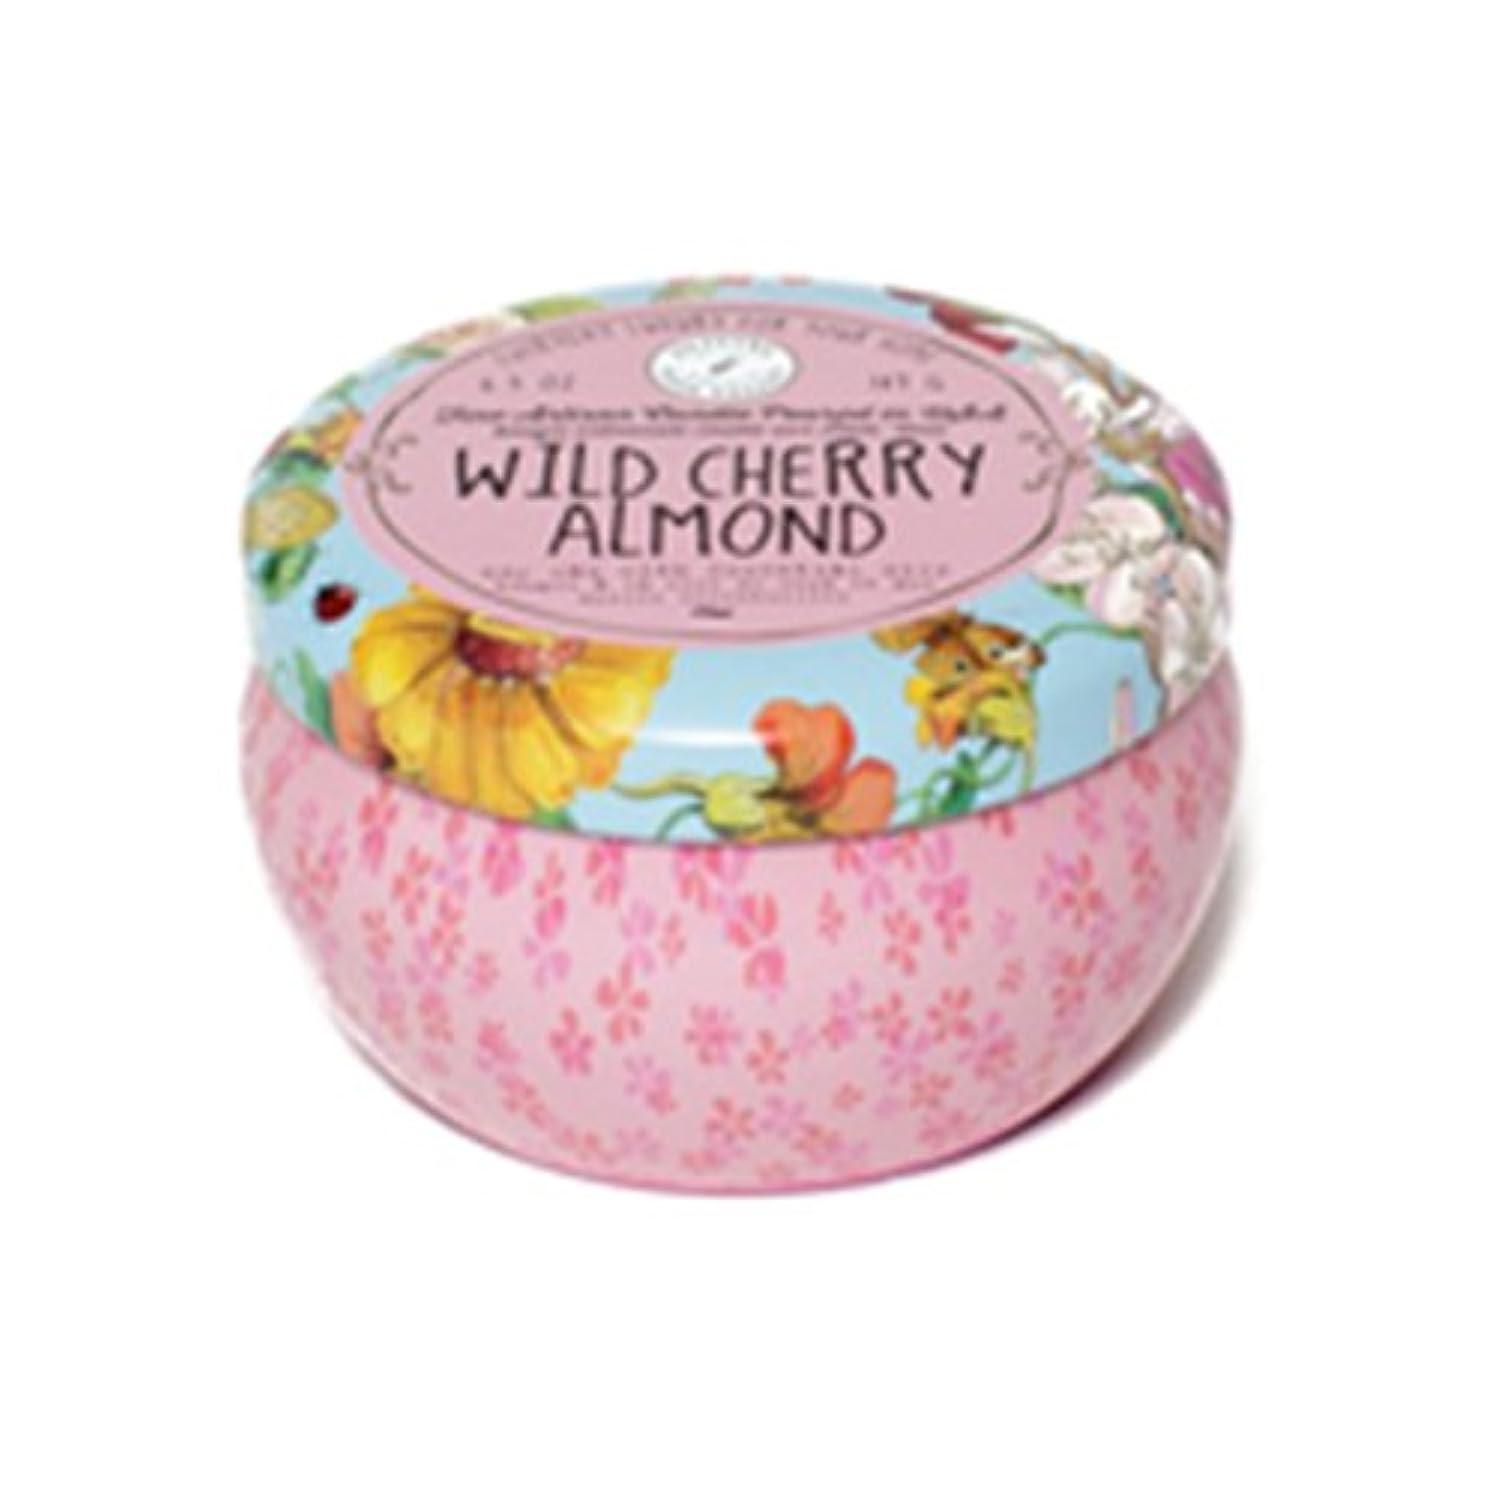 軍隊大声でブラウズNapa Valley Apothecary wild cherry almond ワイルドチェリーアーモンド 缶キャンドル tin candle ナパバレーアポセカリー Olivina オリビーナ